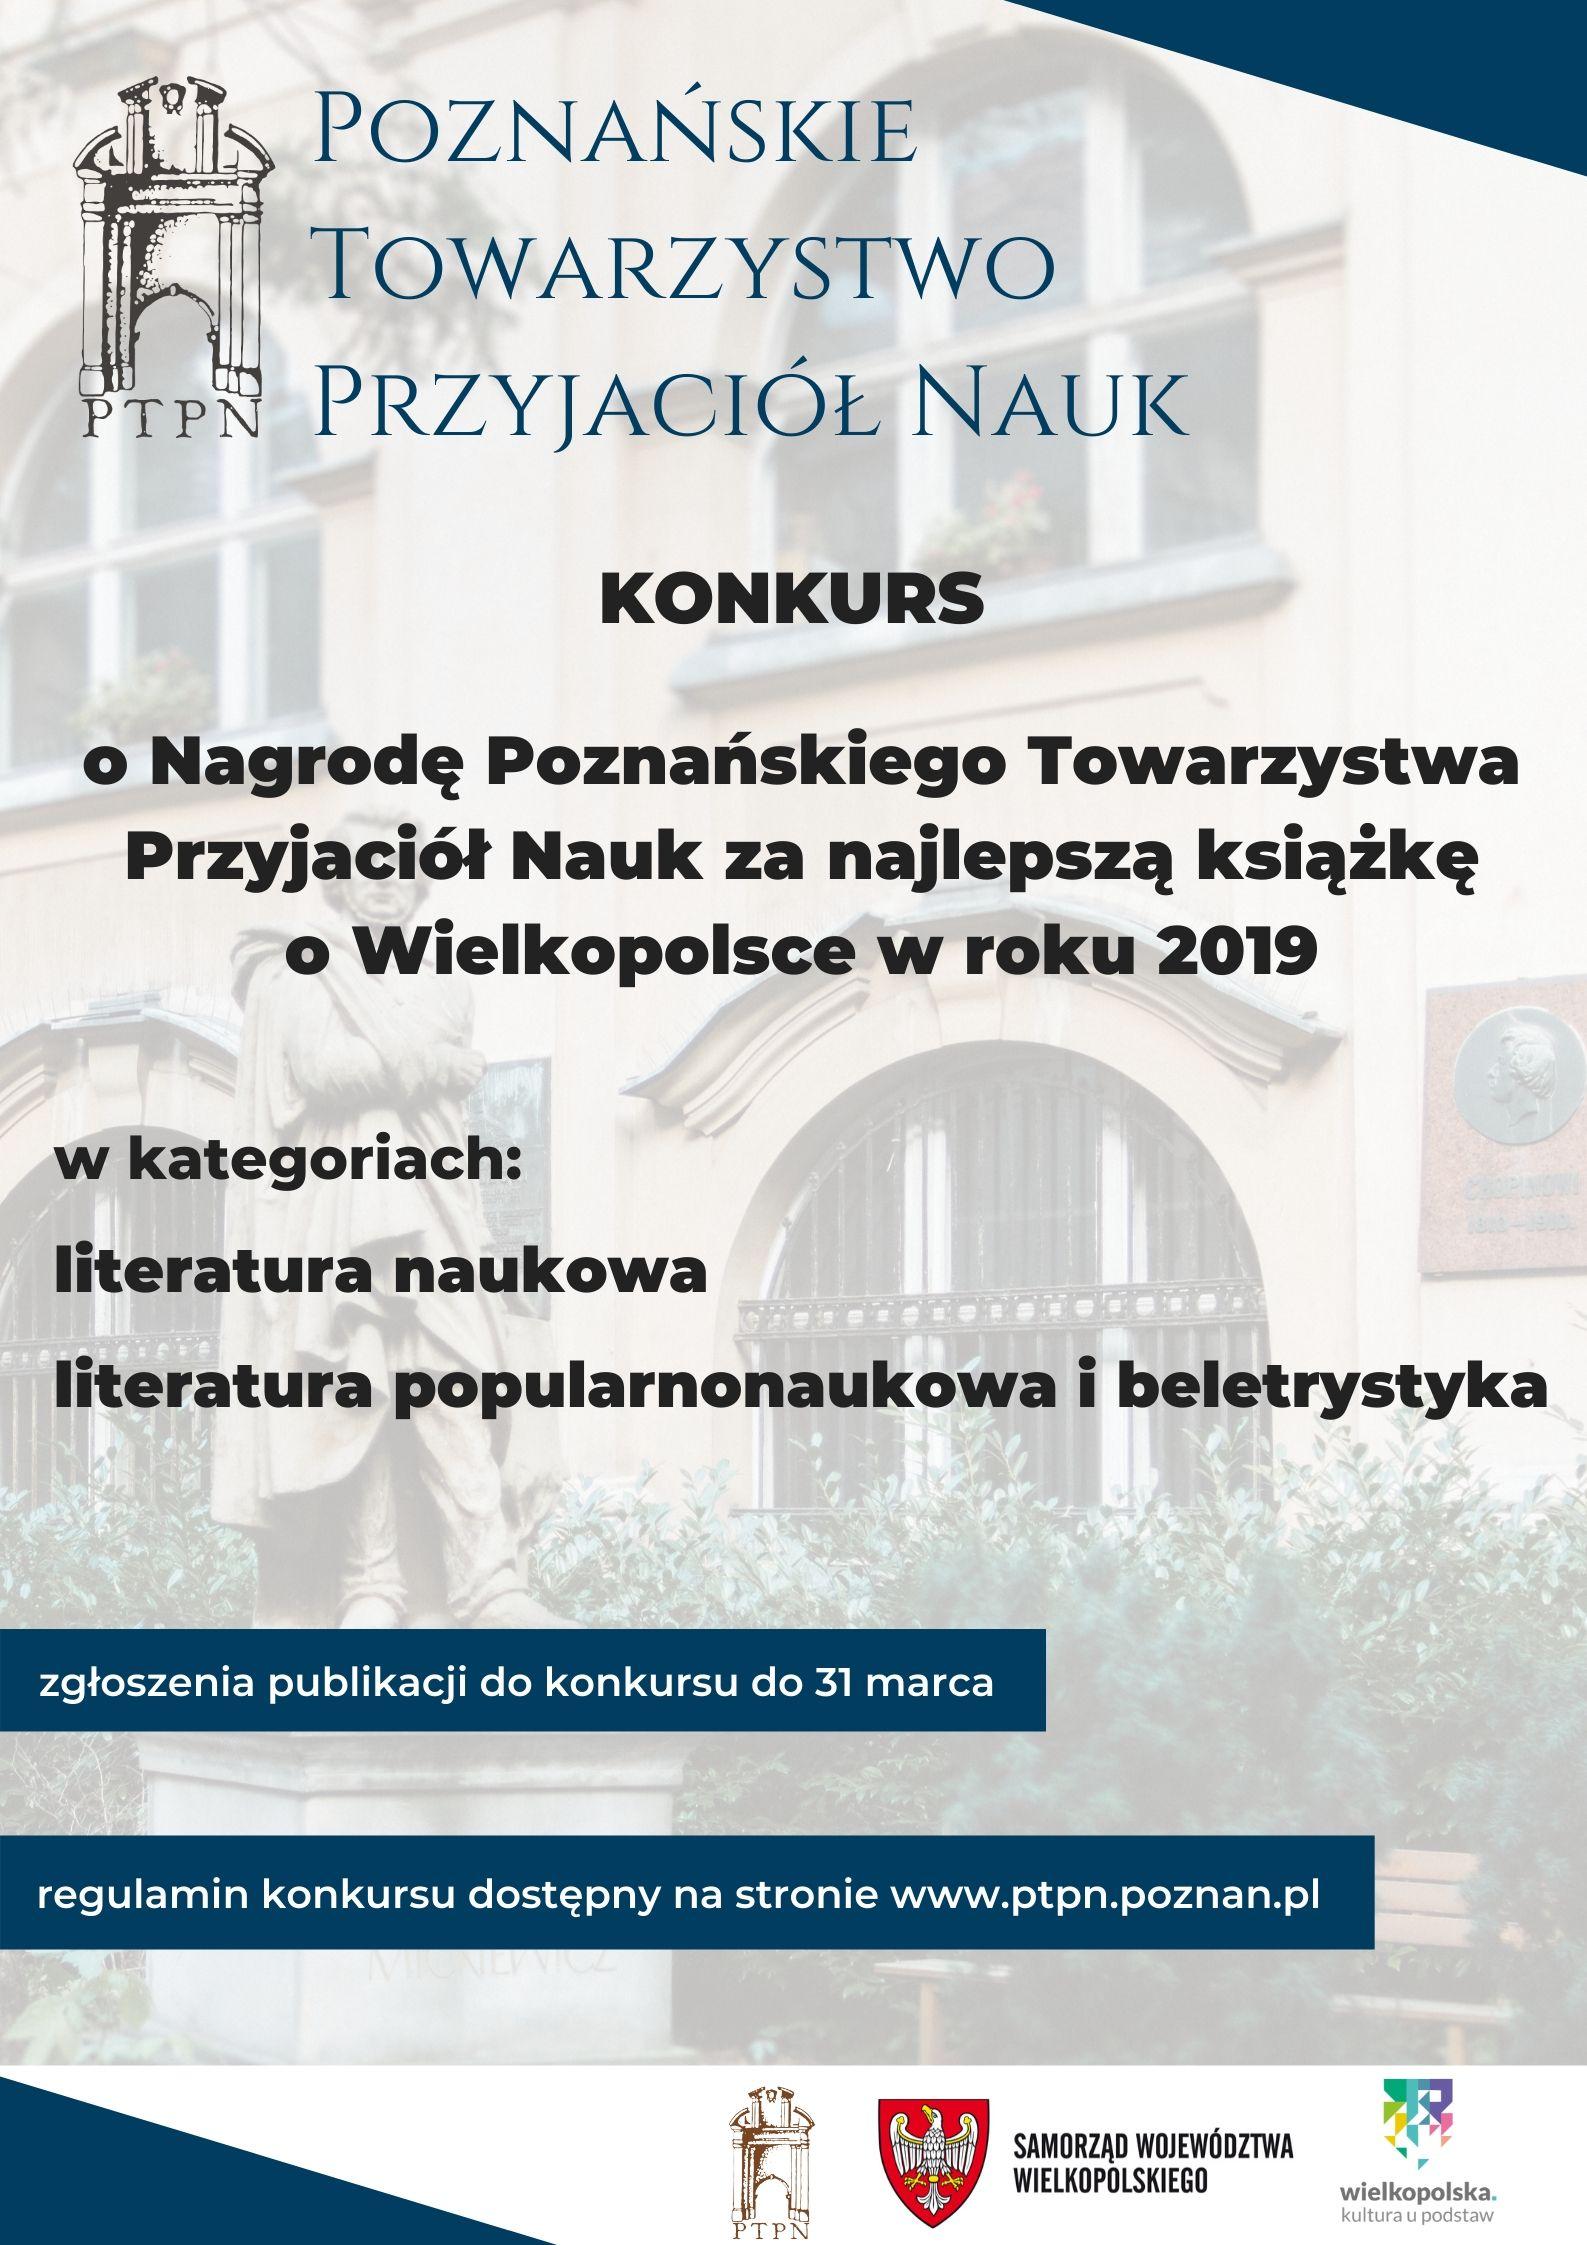 Konkurs na najlepszą książkę o Wielkopolsce w roku 2019